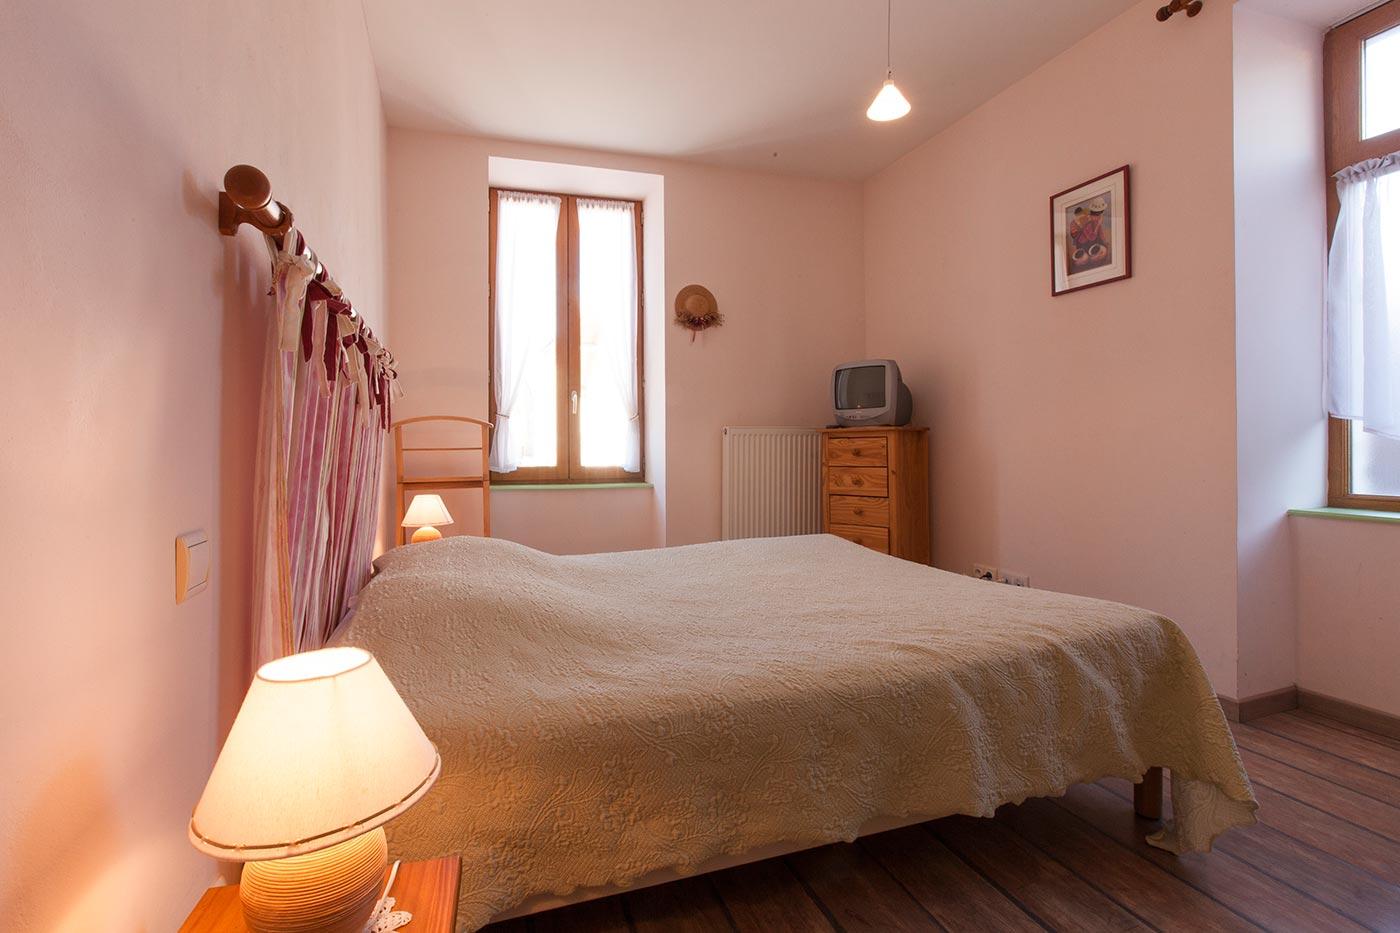 Chambre d 39 h tes beaune 4 chambres d 39 h tes quelques - Chambre d hote dieulefit ...